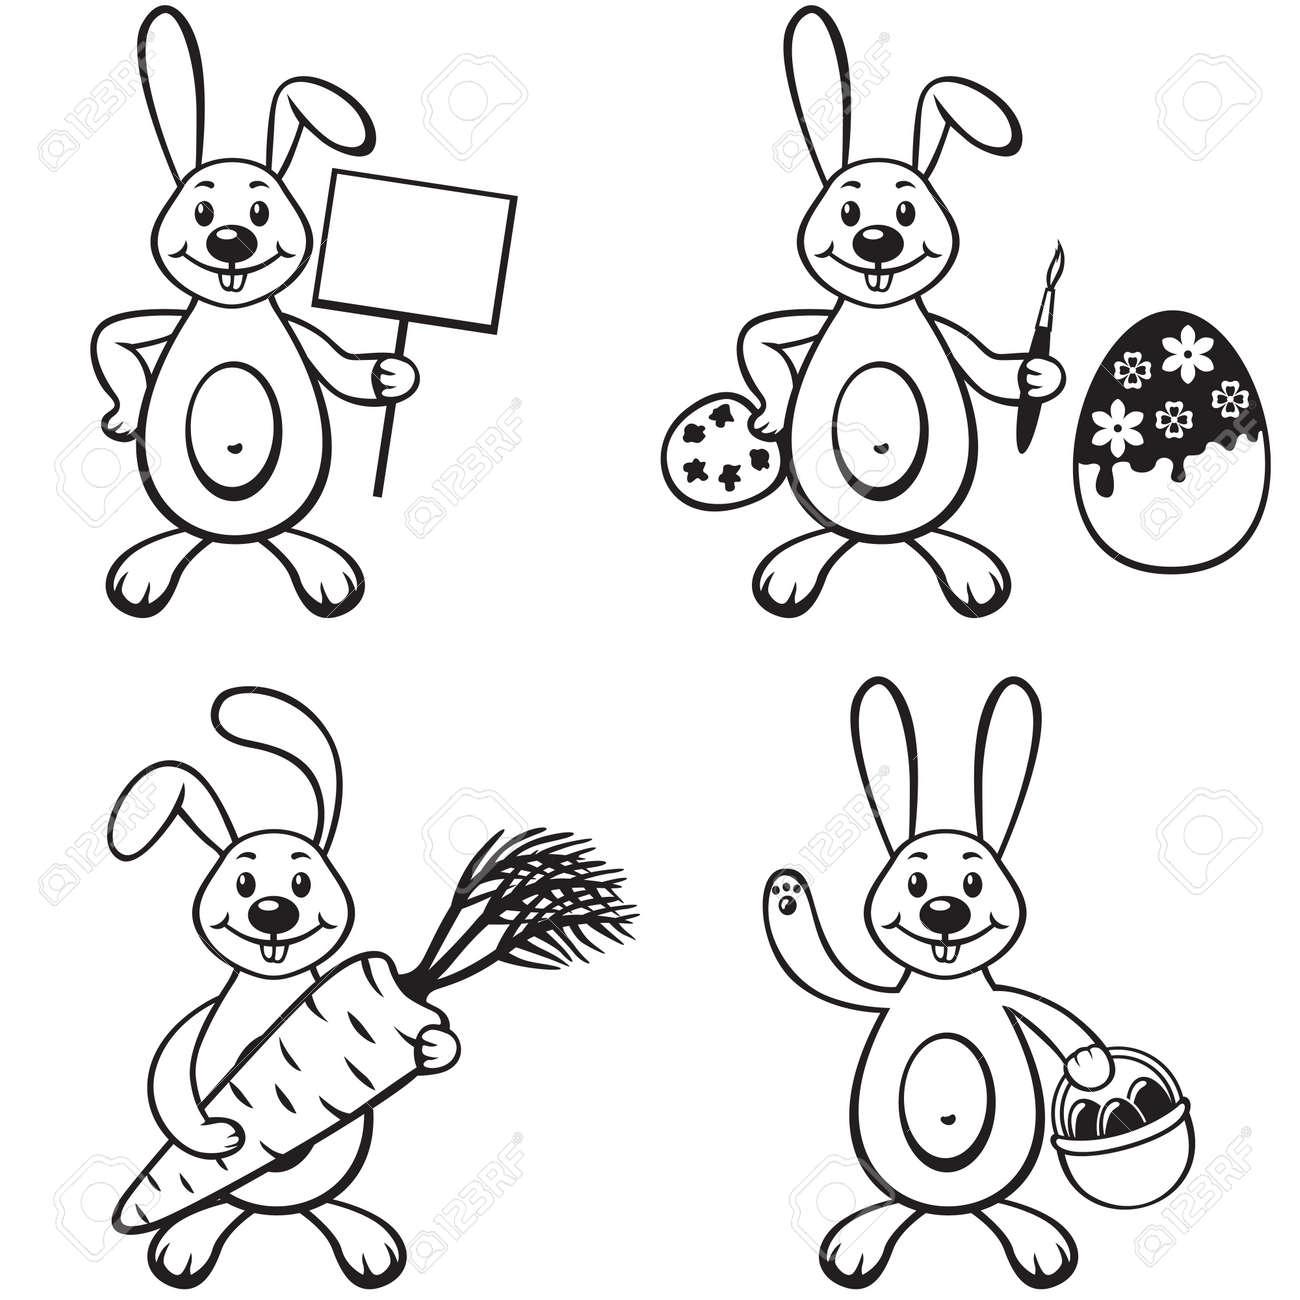 Set contour image of cartoon bunny Stock Vector - 18290074